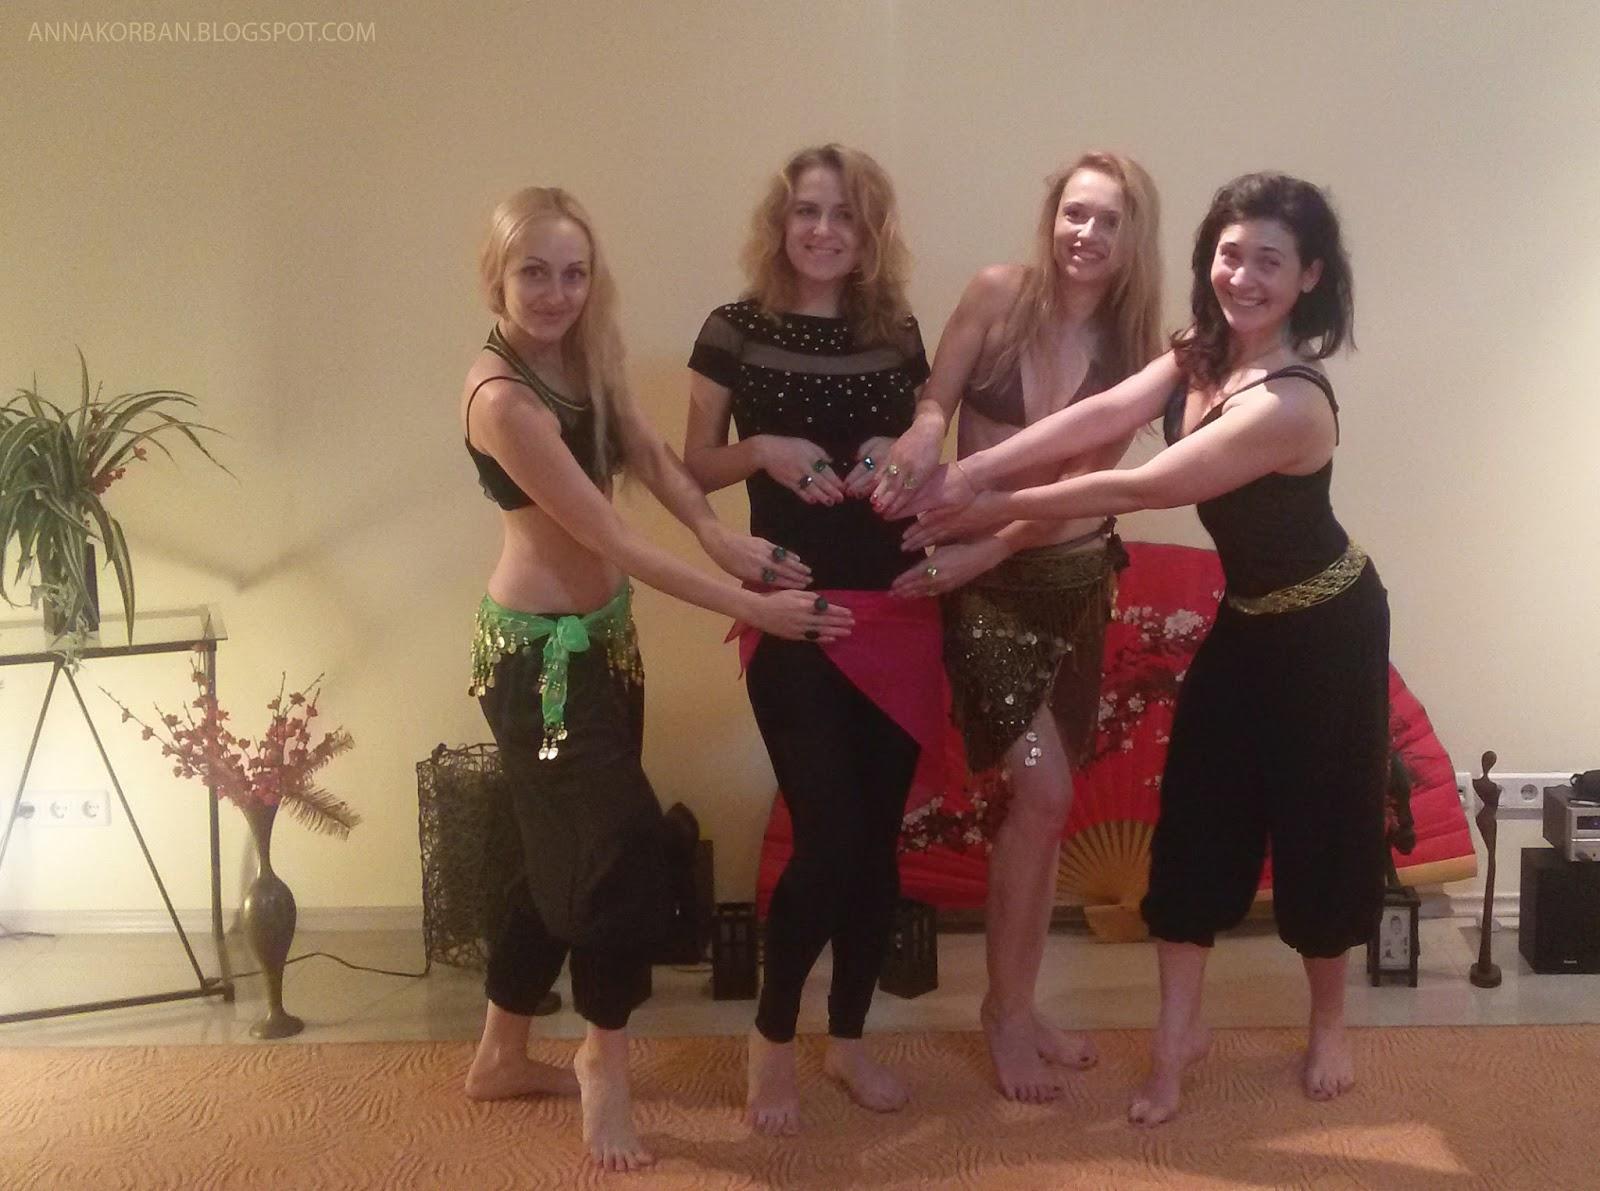 Эротичный танец уроки 7 фотография